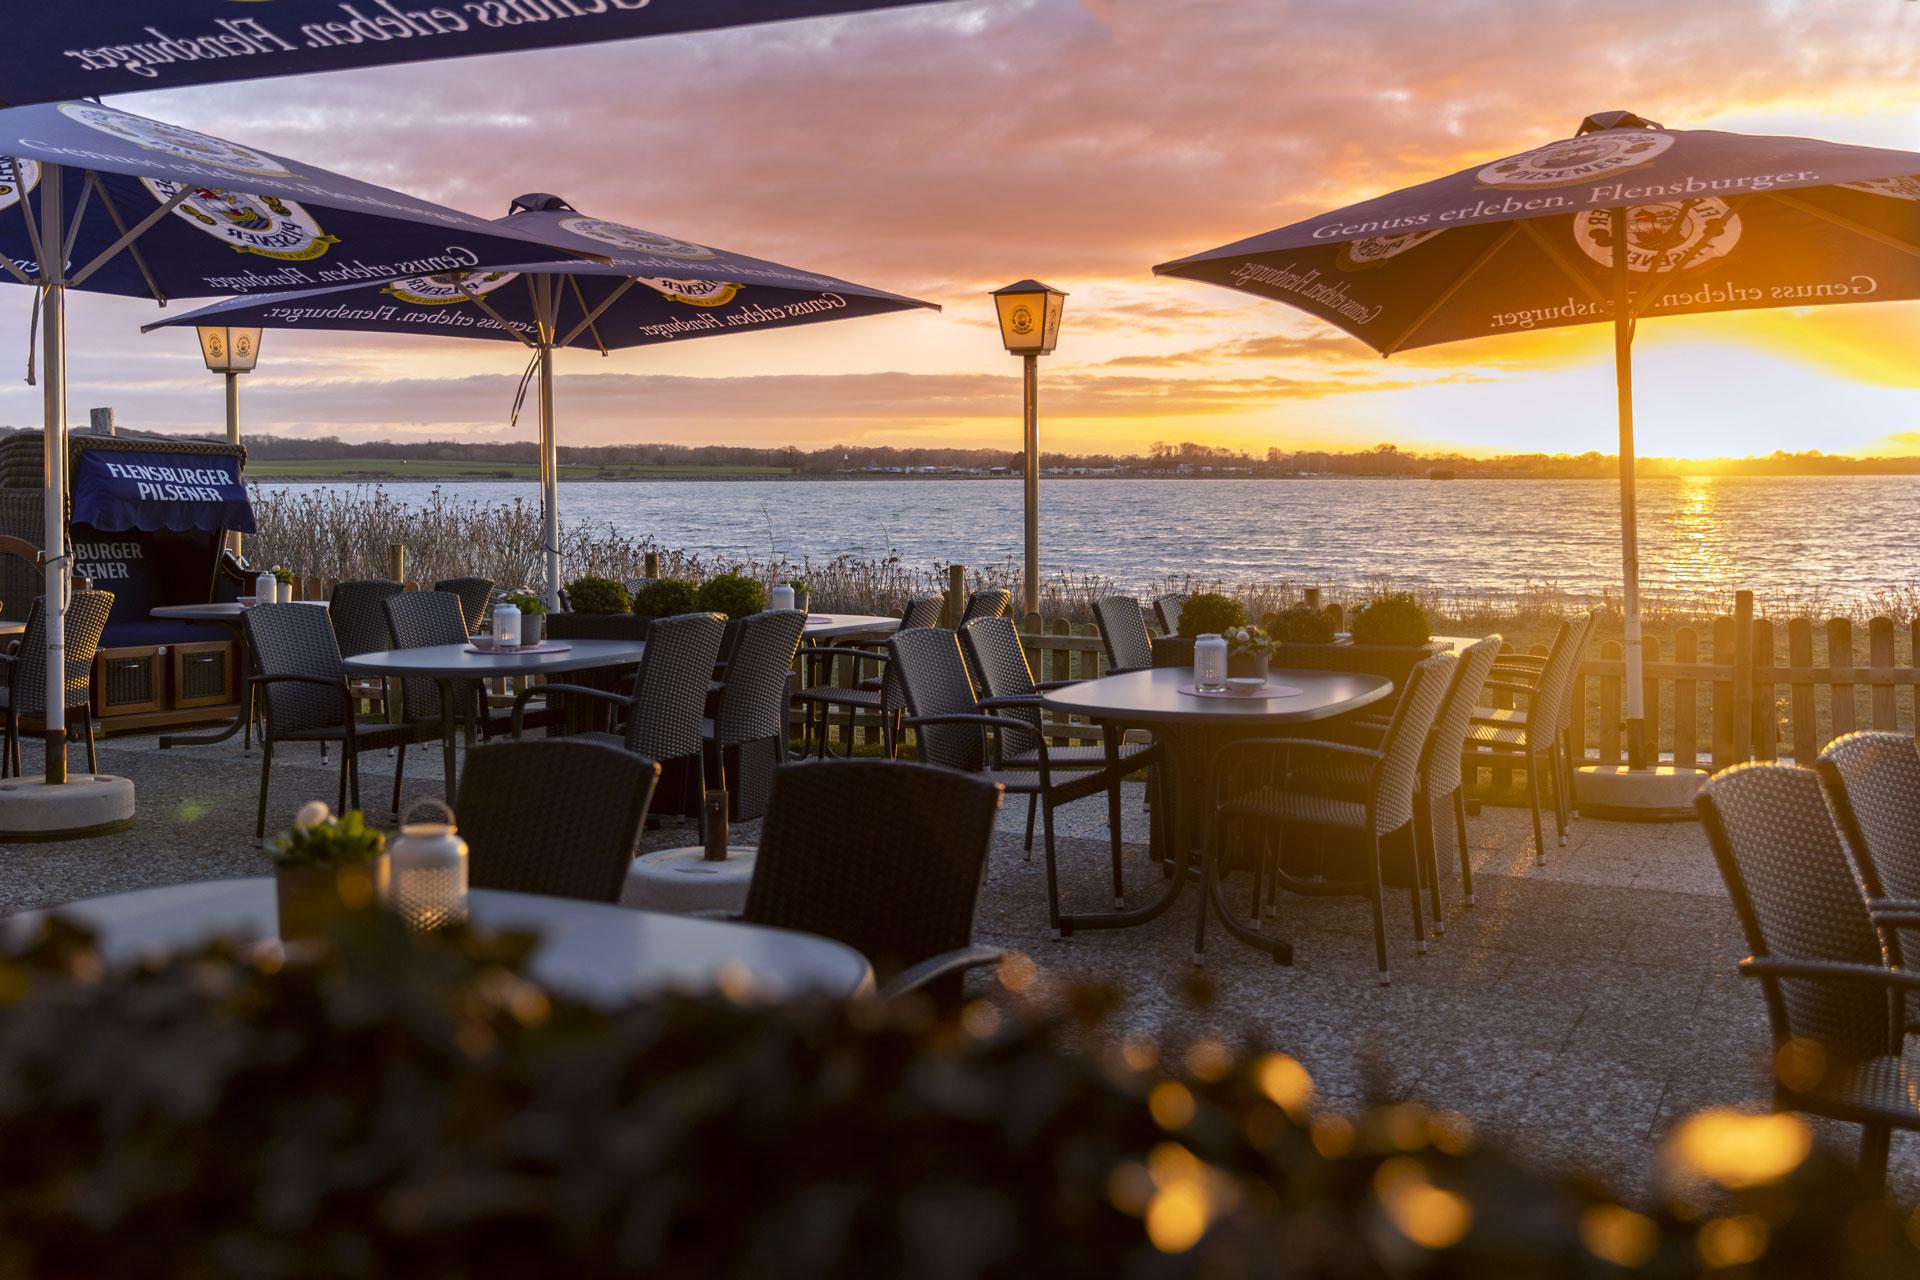 strandhuus-wackerballig-terrasse7